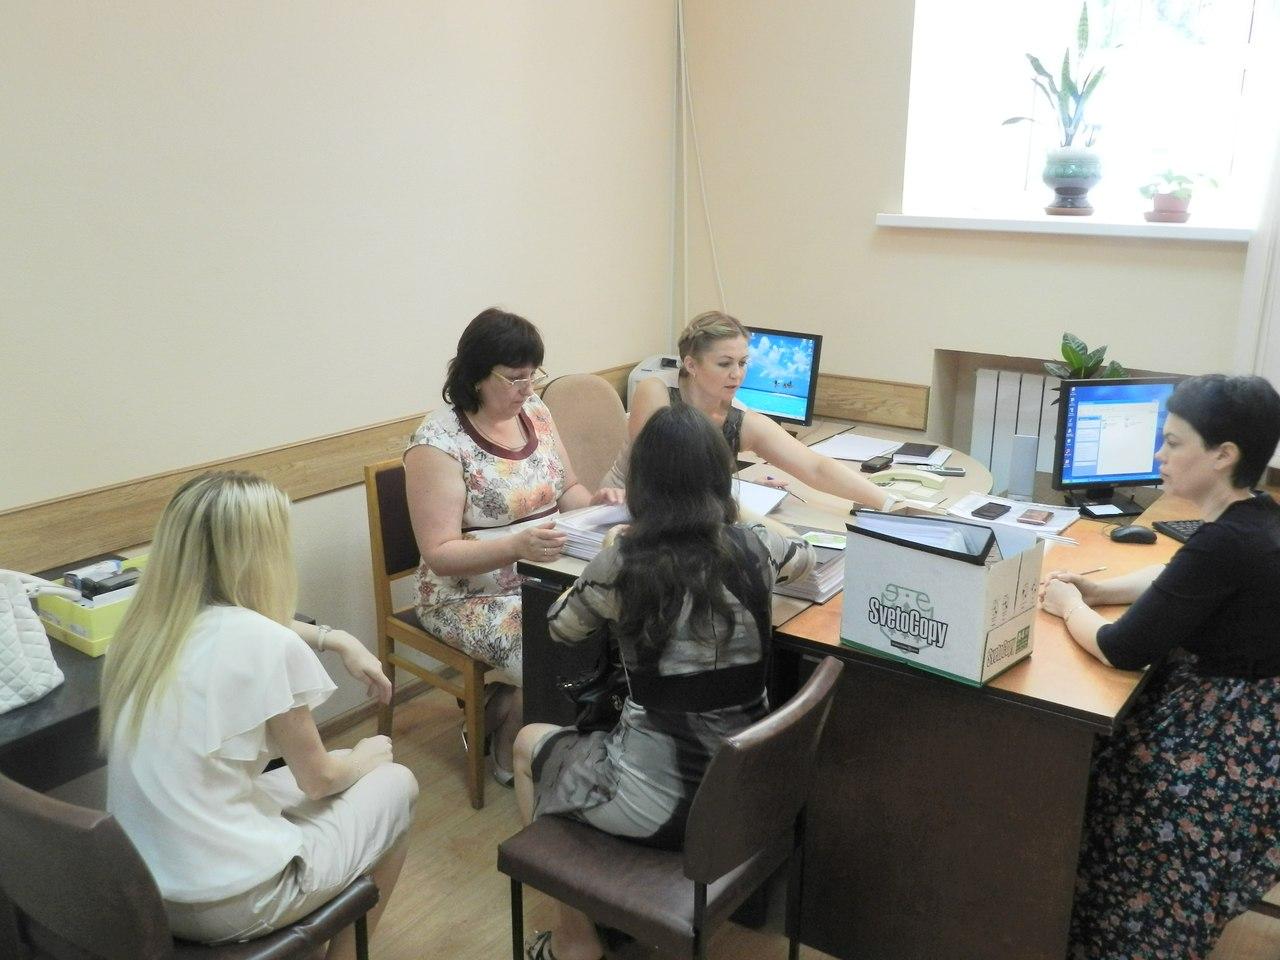 Представители КПРФ подали документы в Избирательную комиссию муниципального образования - город Рязань